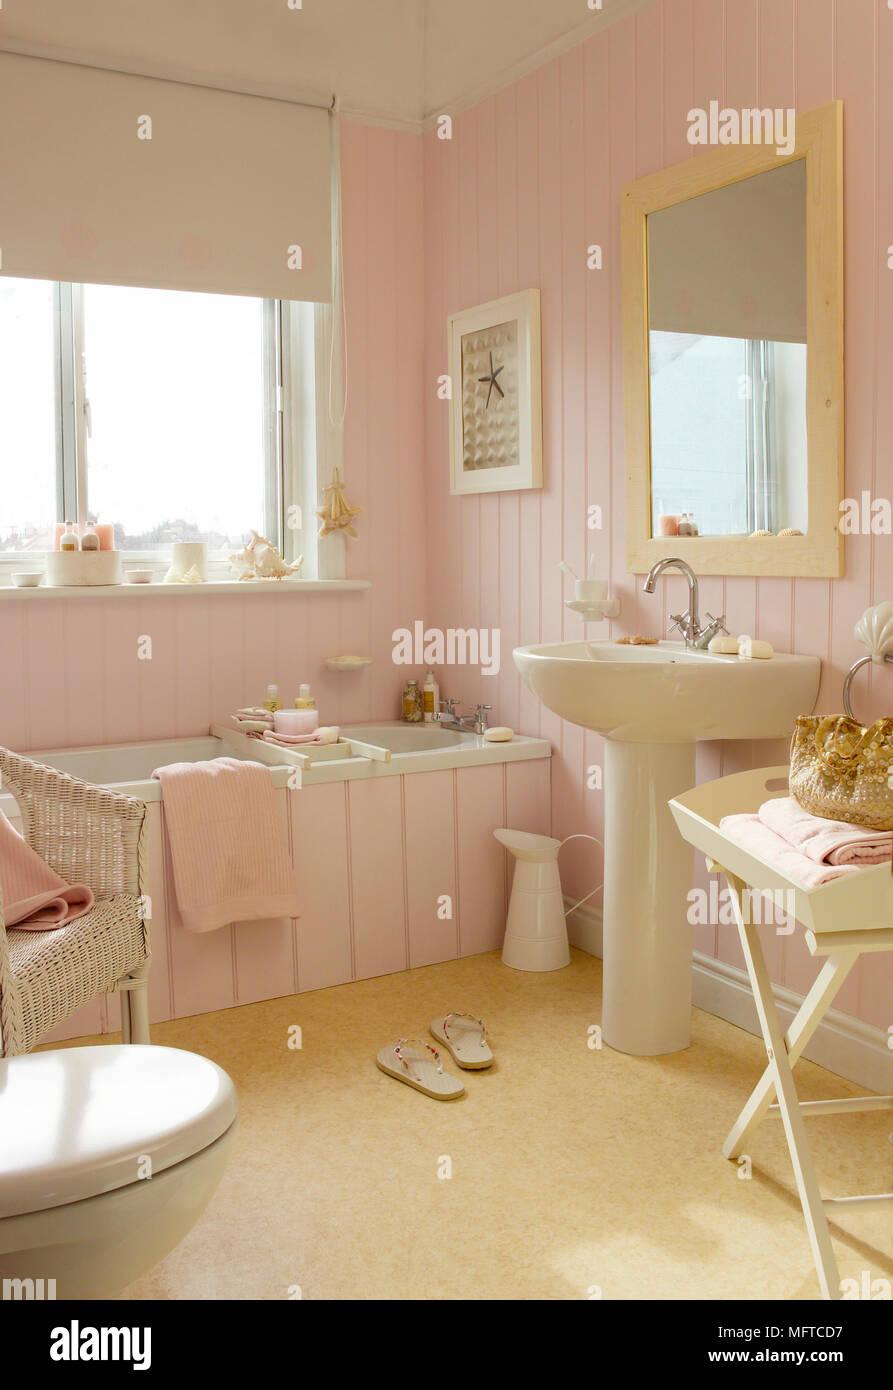 Sockel Waschbecken neben Badewanne in rosa Badezimmer Stockfoto ...